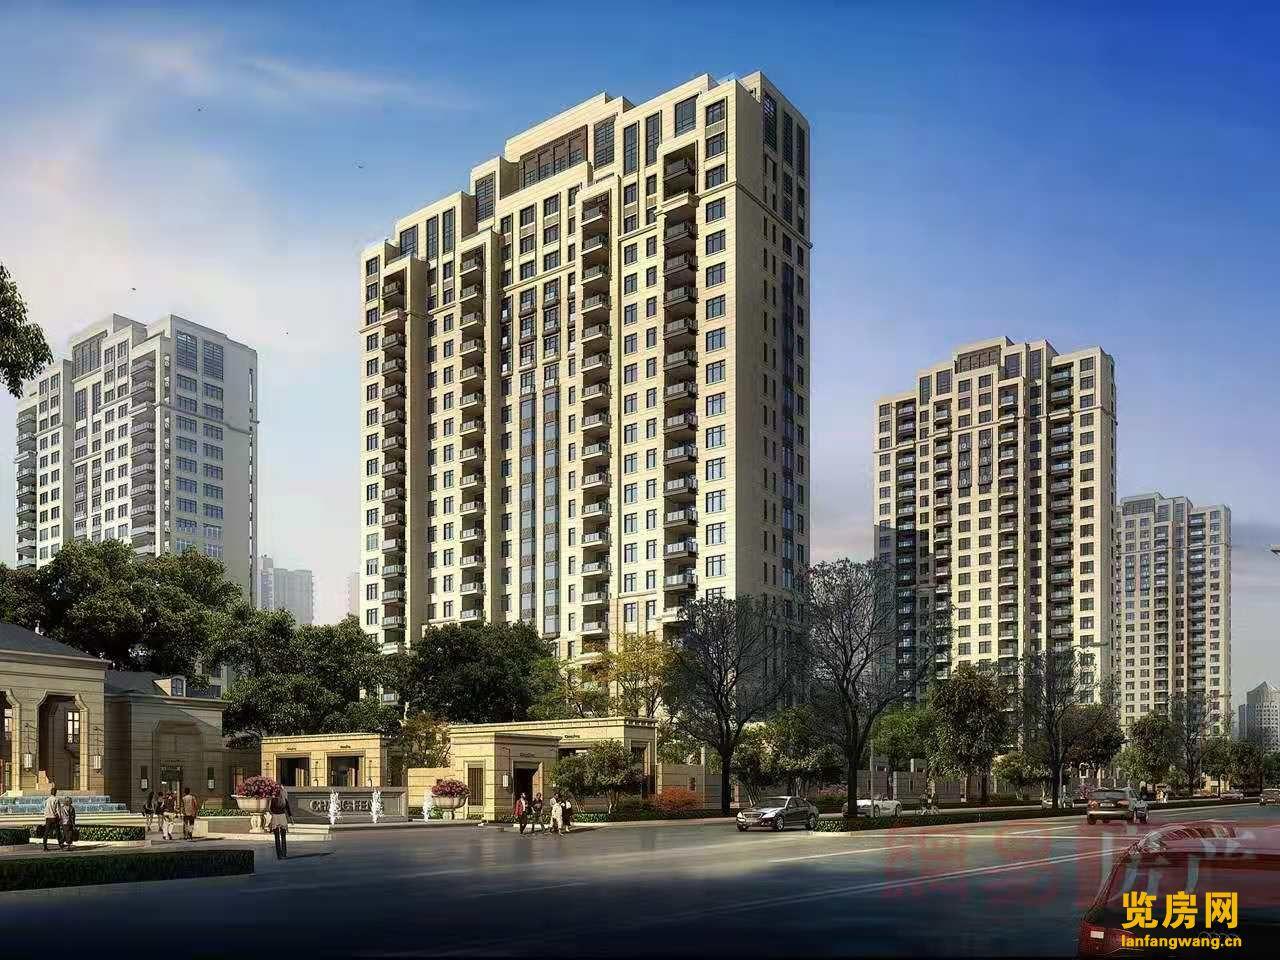 长安沙头 三大栋统建楼【城市家园】精装交房 特价房总价仅需10.8万/起!